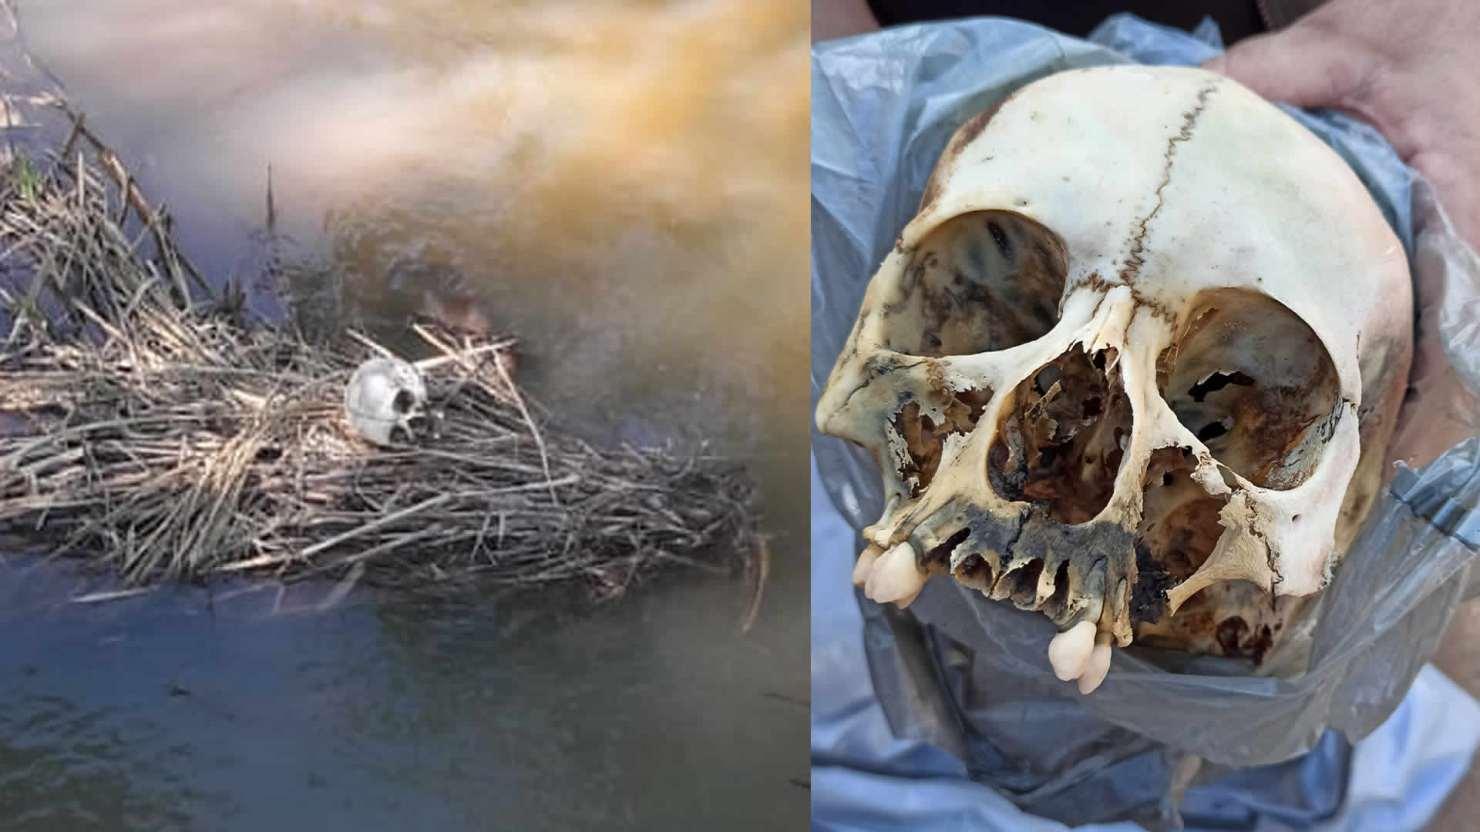 Crânio humano é encontrado dentro de igarapé Judia, no 2º Distrito de Rio Branco